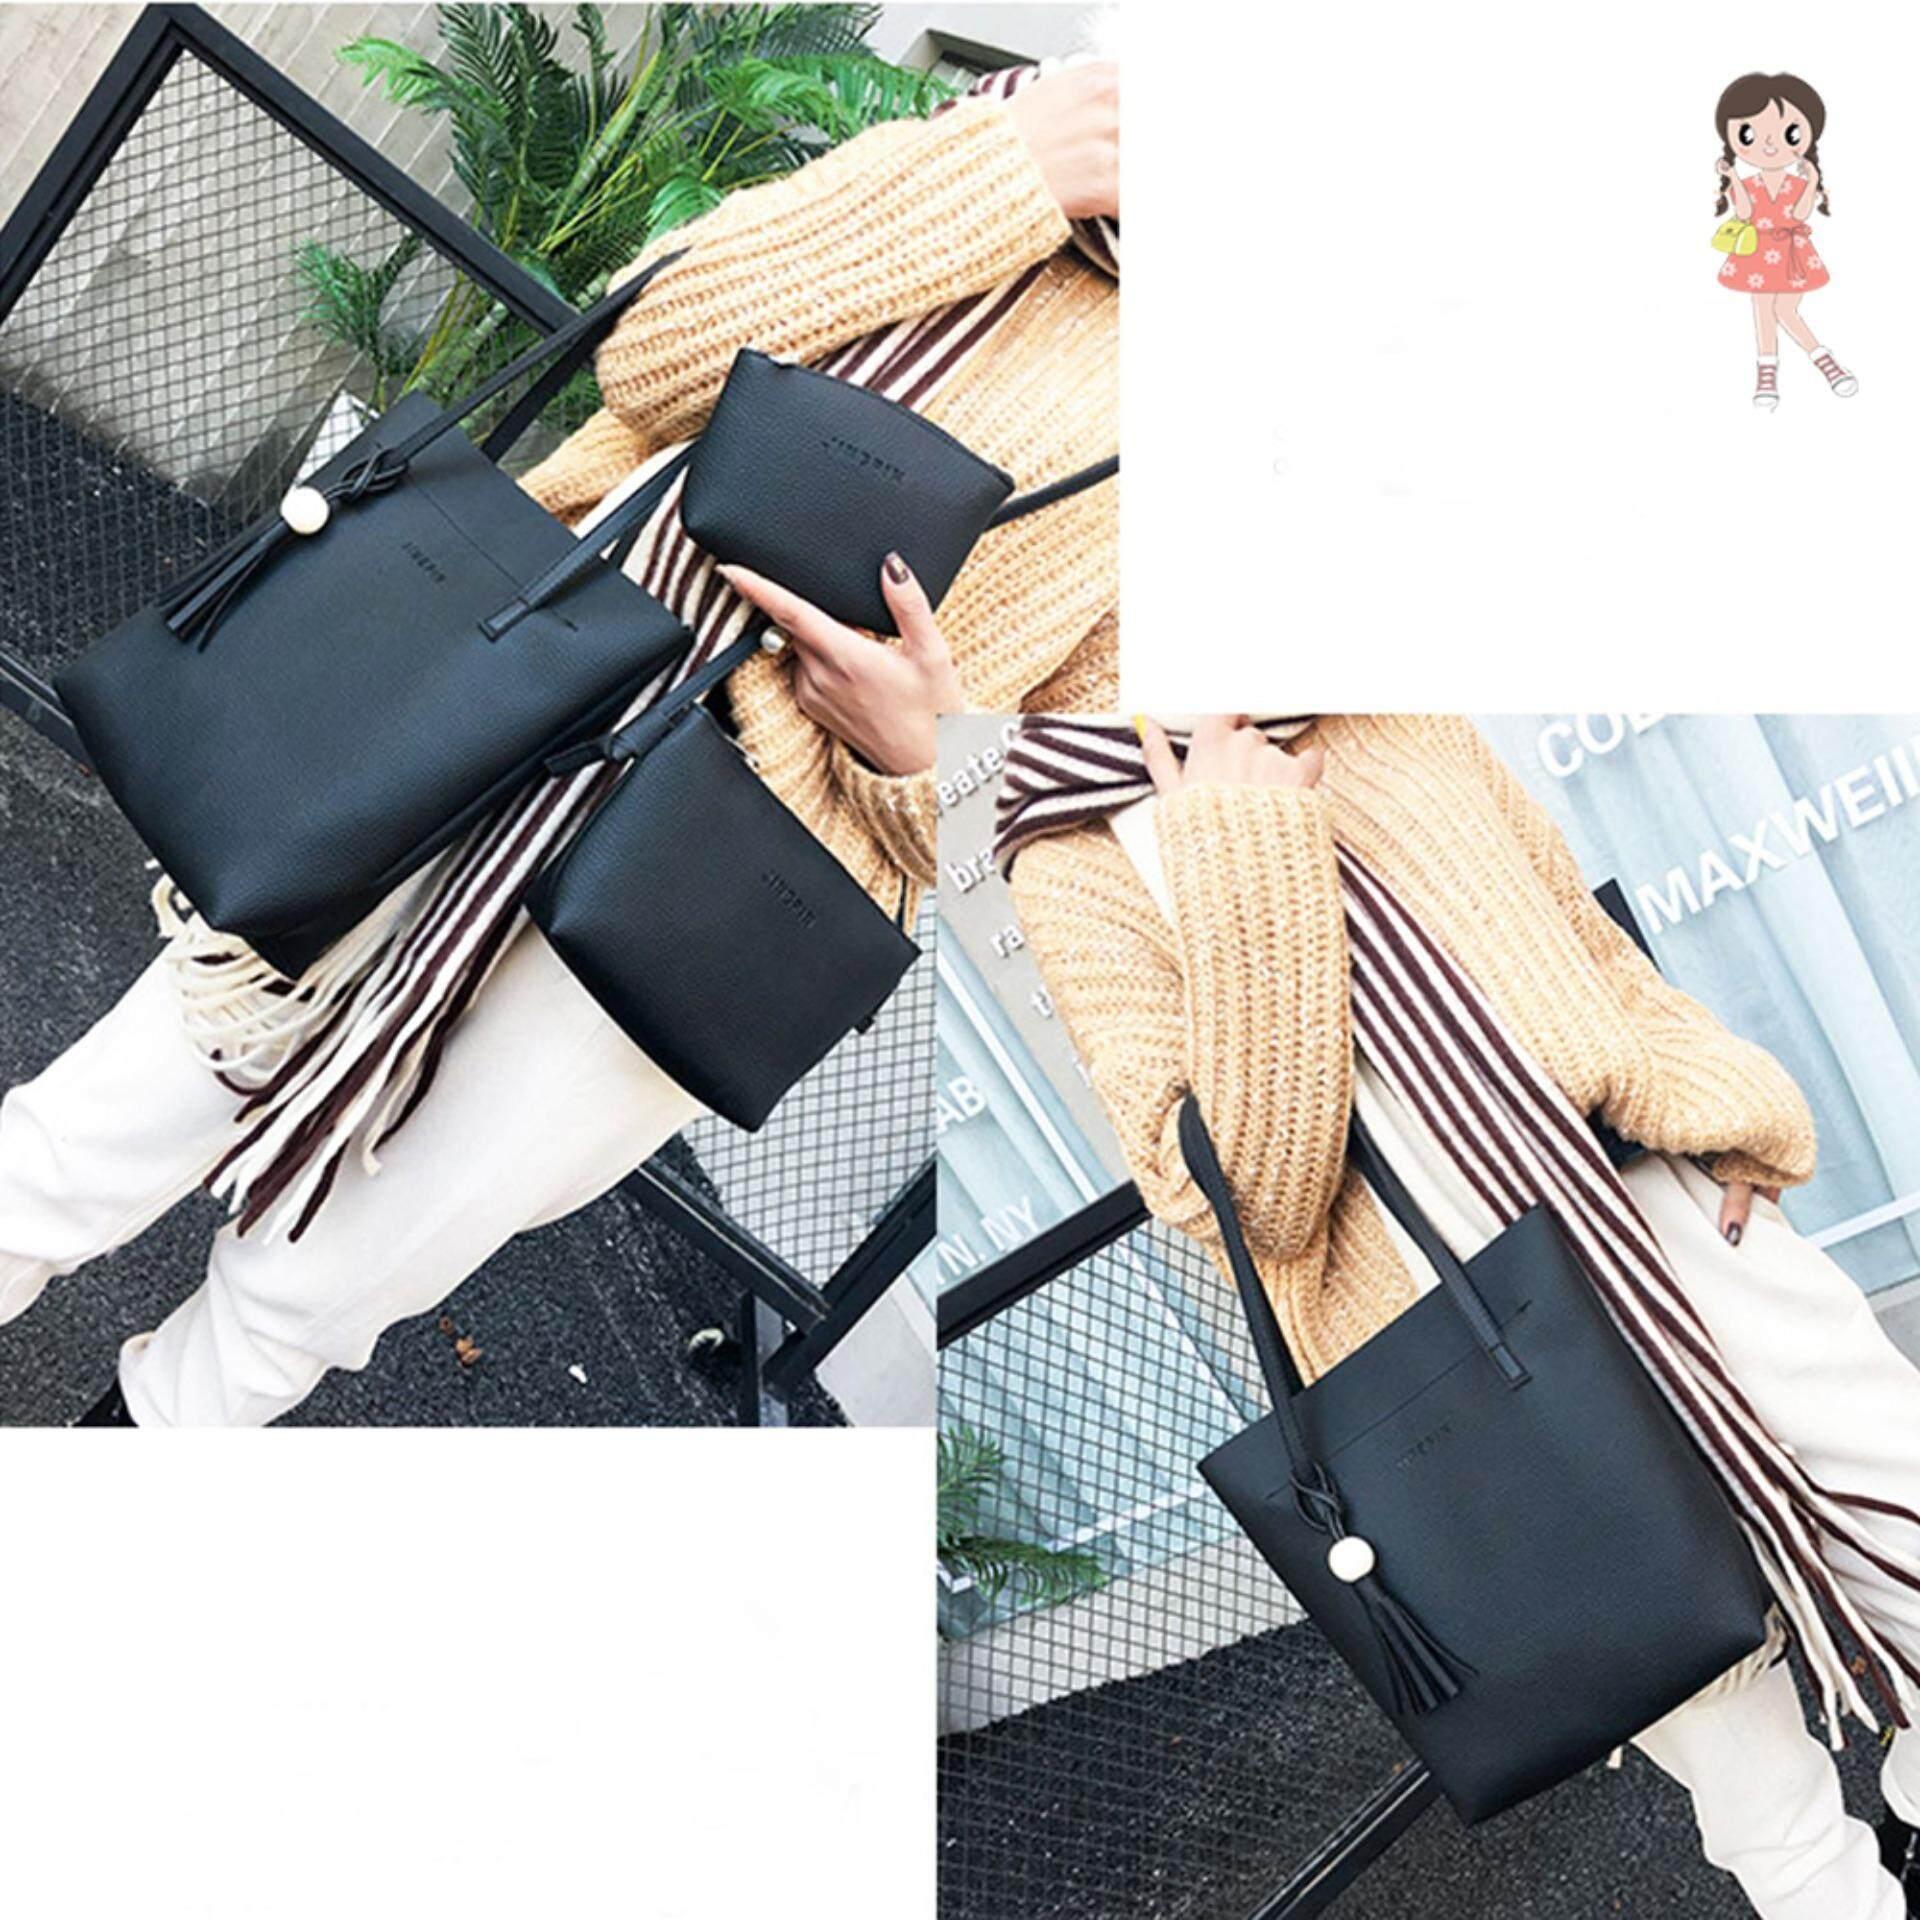 Ava กระเป๋าผู้หญิง กระเป๋าถือสะพาย รุ่น Bs006 มี 2 สี คือ สีน้ำตาล และ สีดำ.